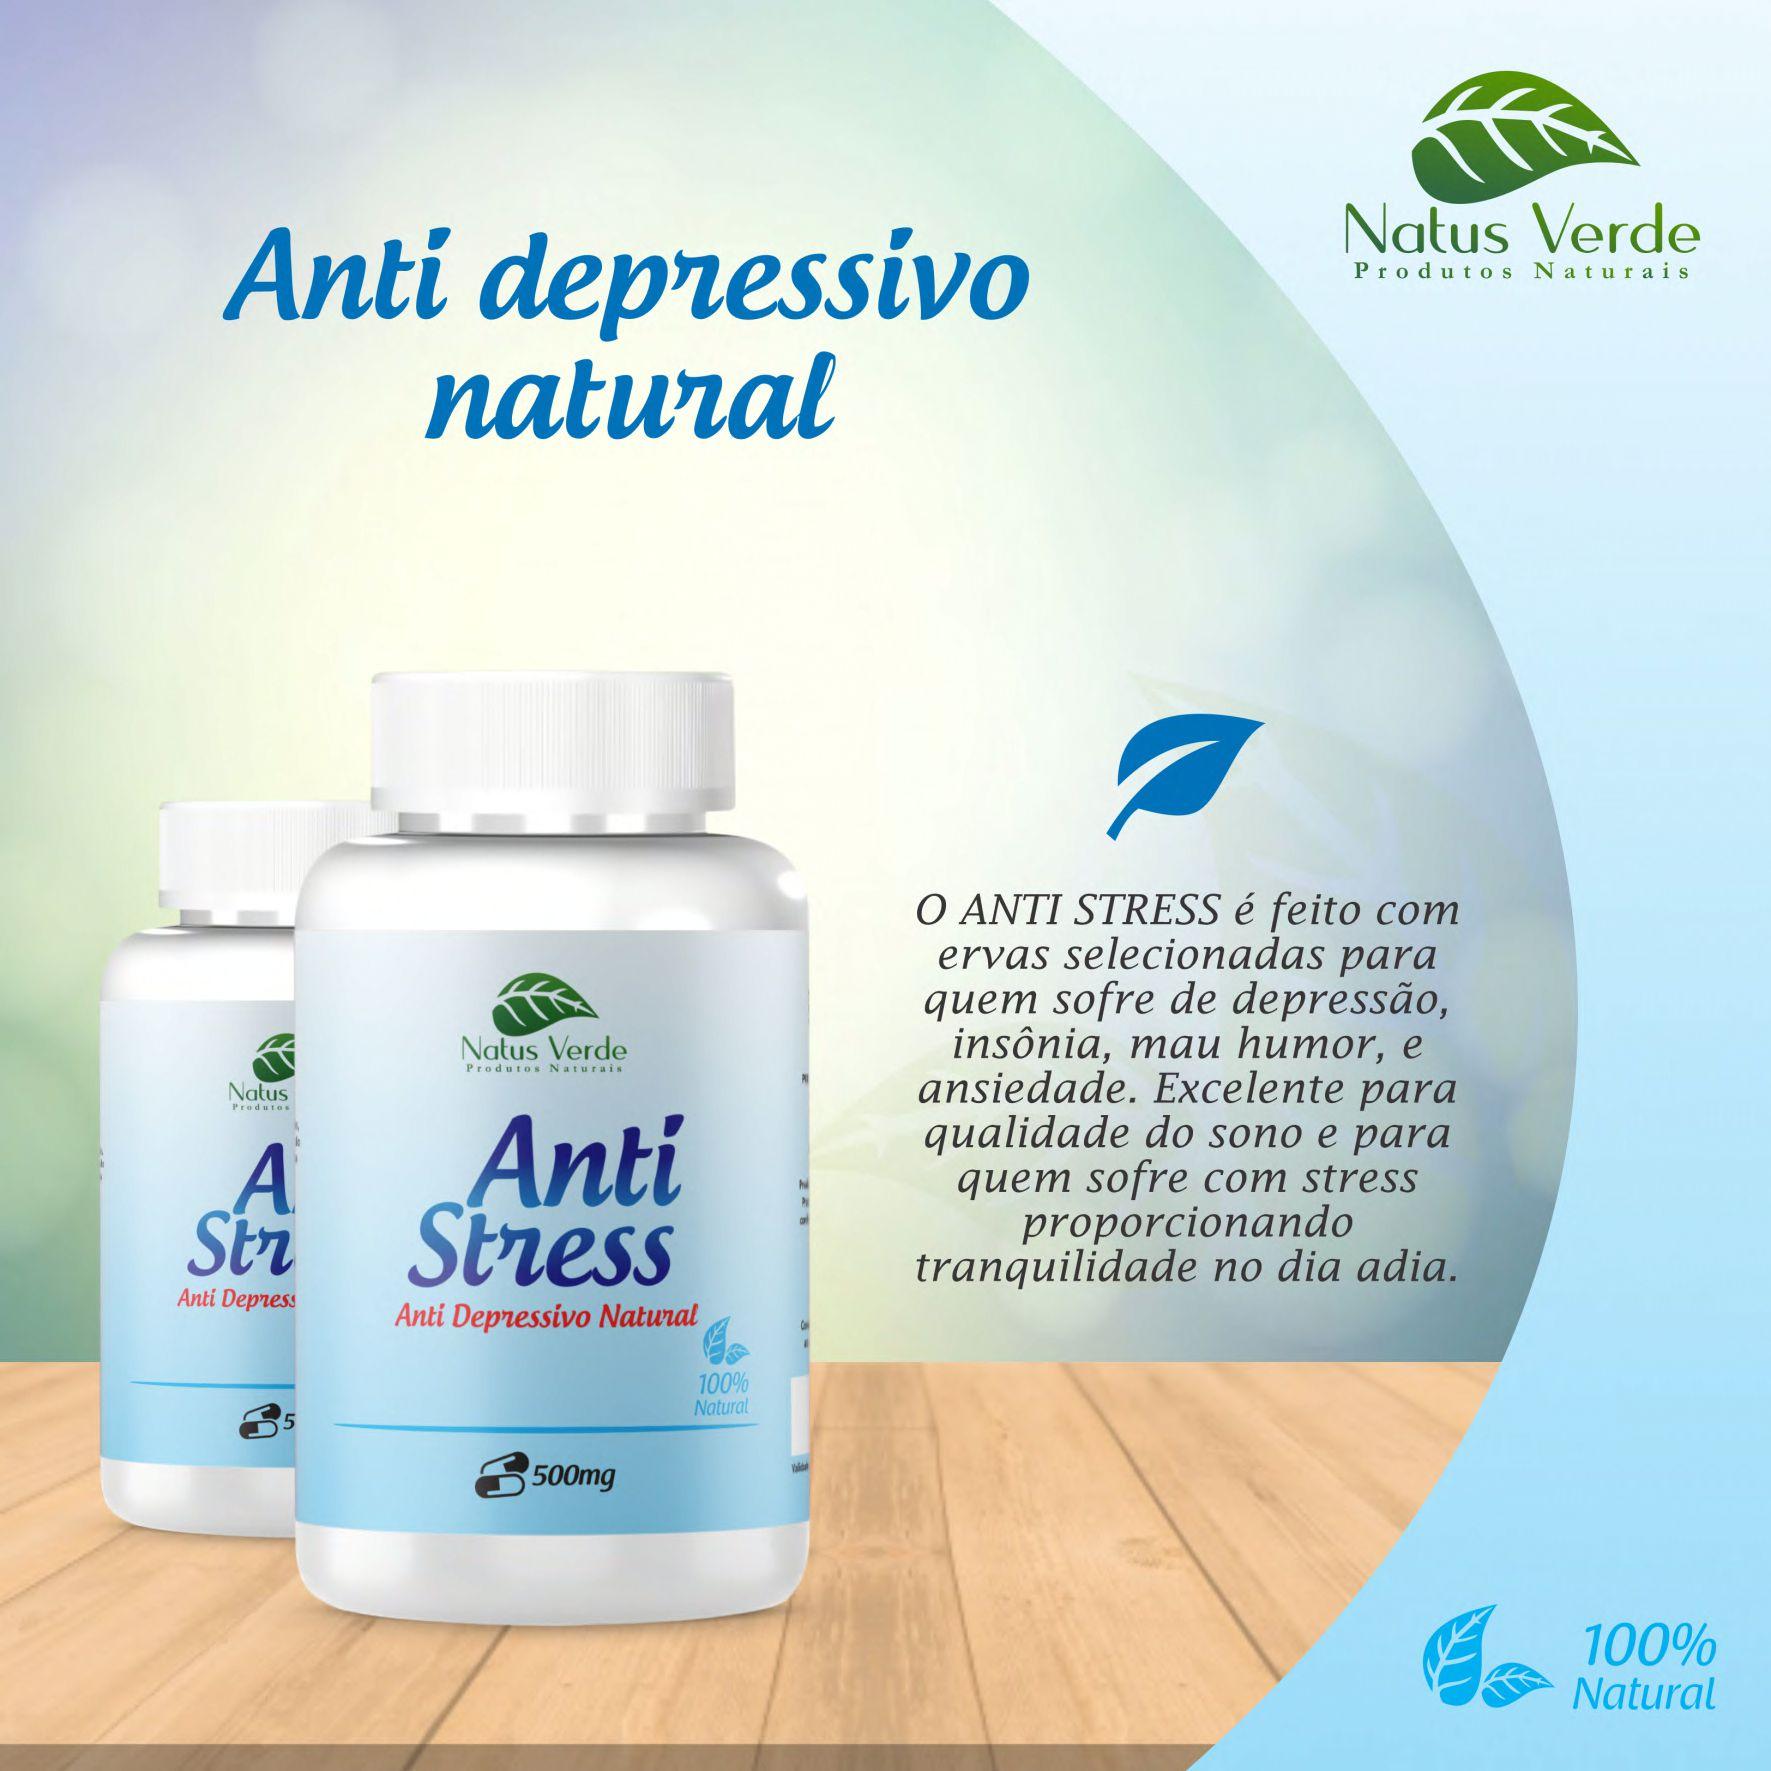 Anti Depressivo Natural Natus Verde 60 caps  - Fribasex - Fabricasex.com